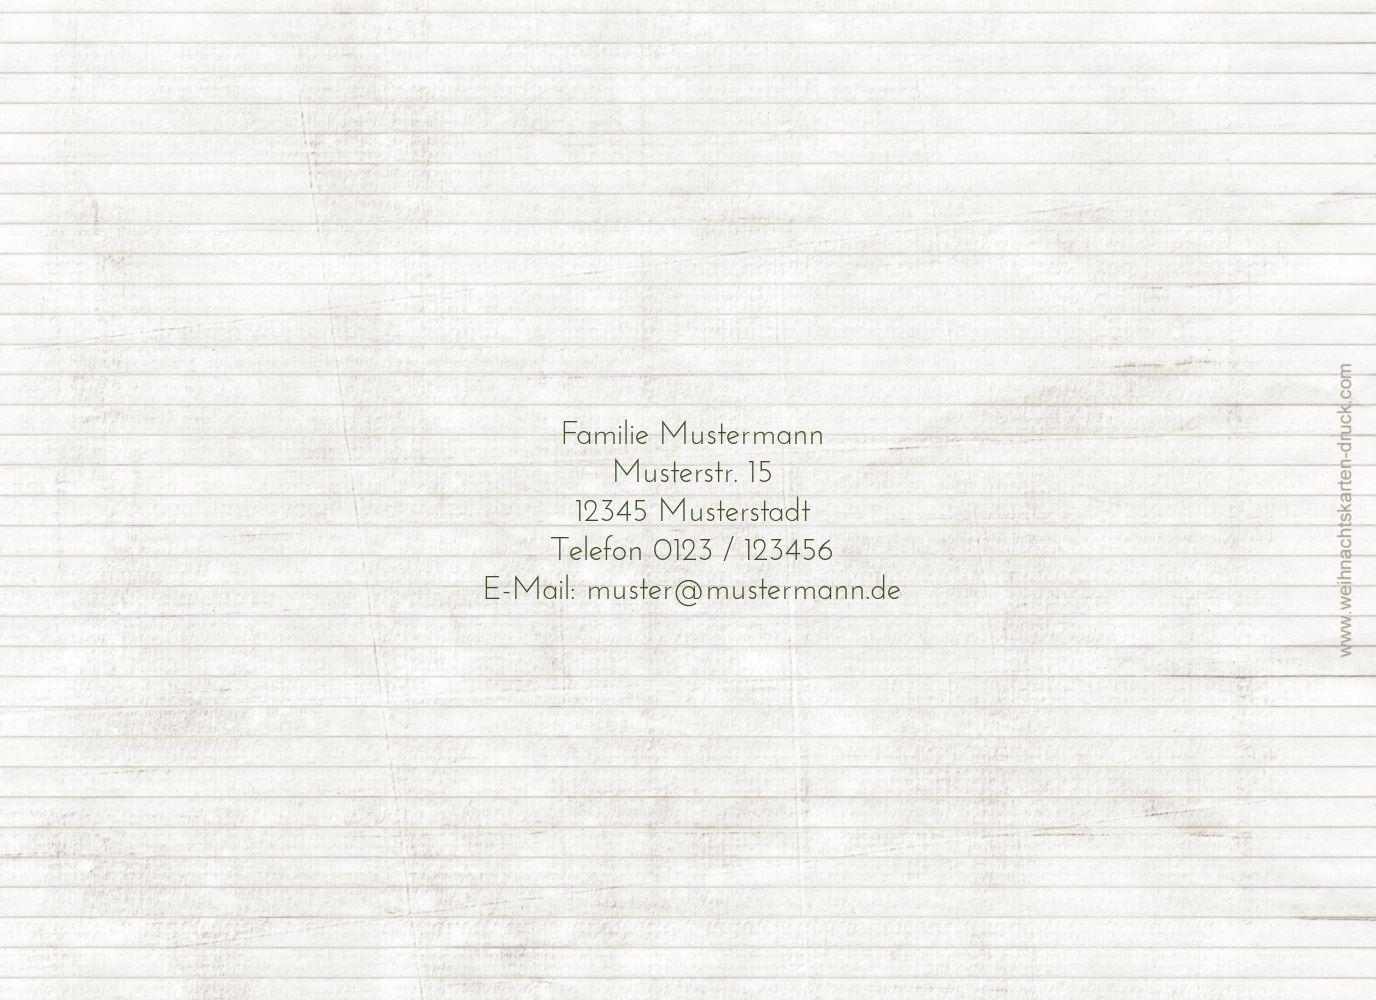 Ansicht 2 - Einladung Schnipselbäume